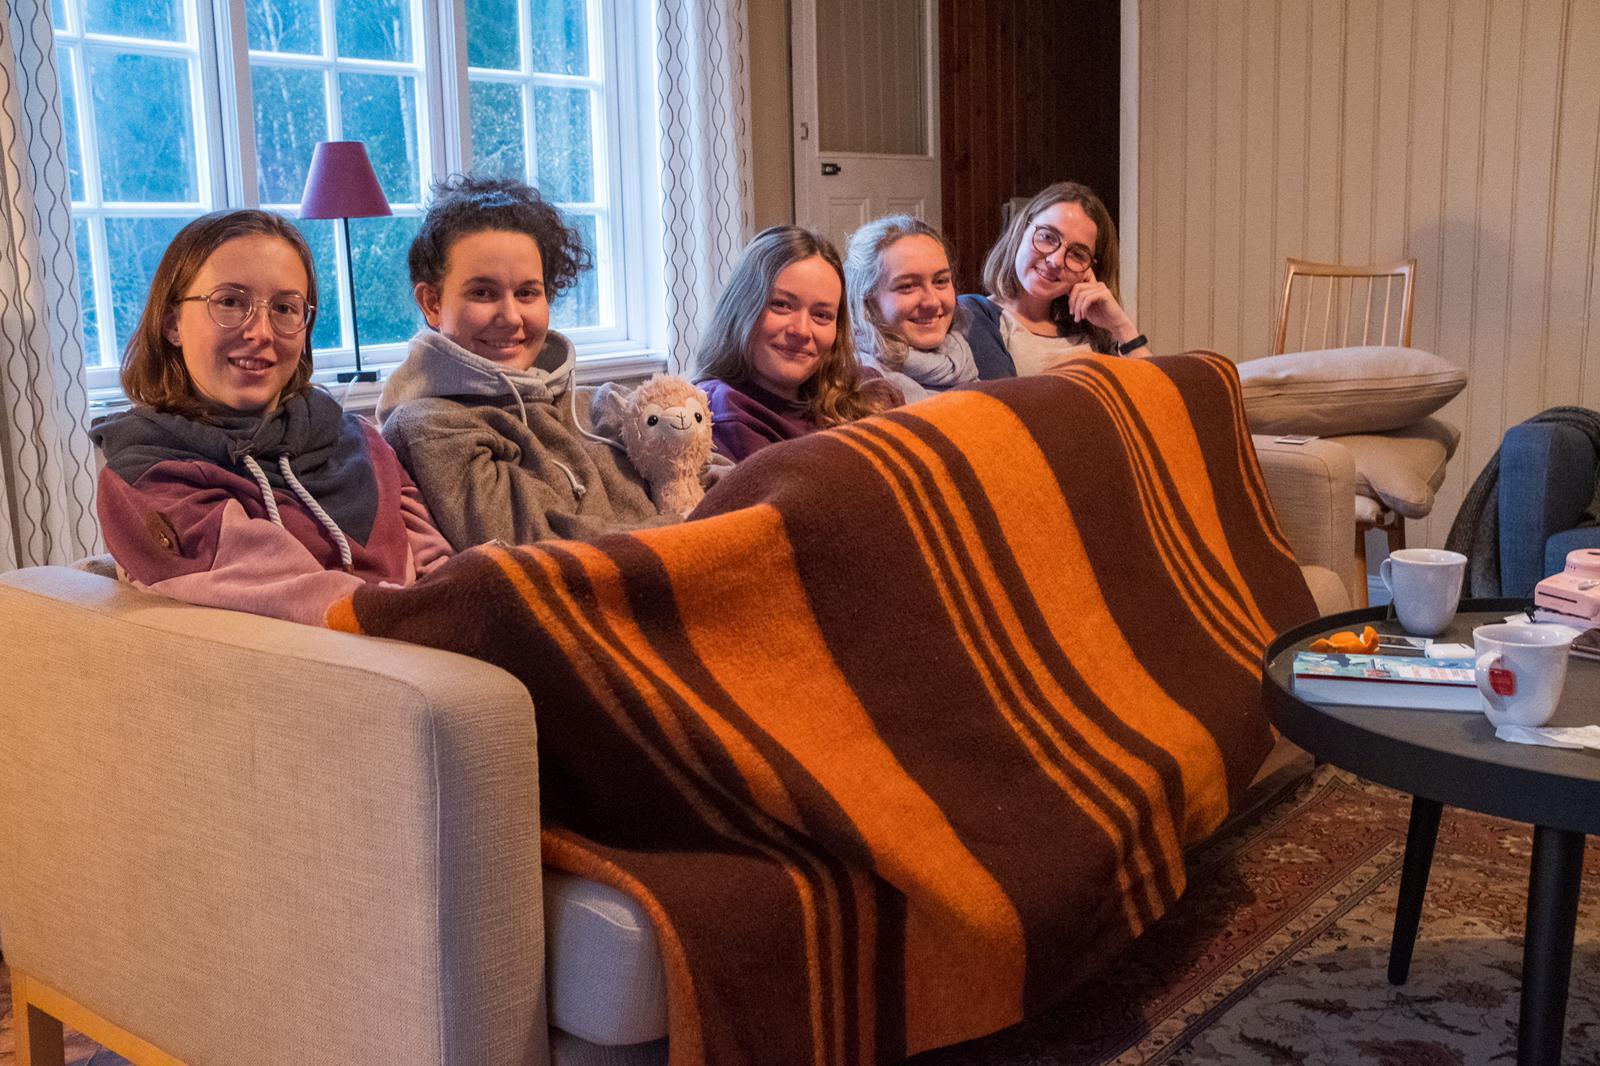 """... und anschließend """"Gruppenkuscheln"""" auf dem Sofa (Fotos: P. Geister)"""